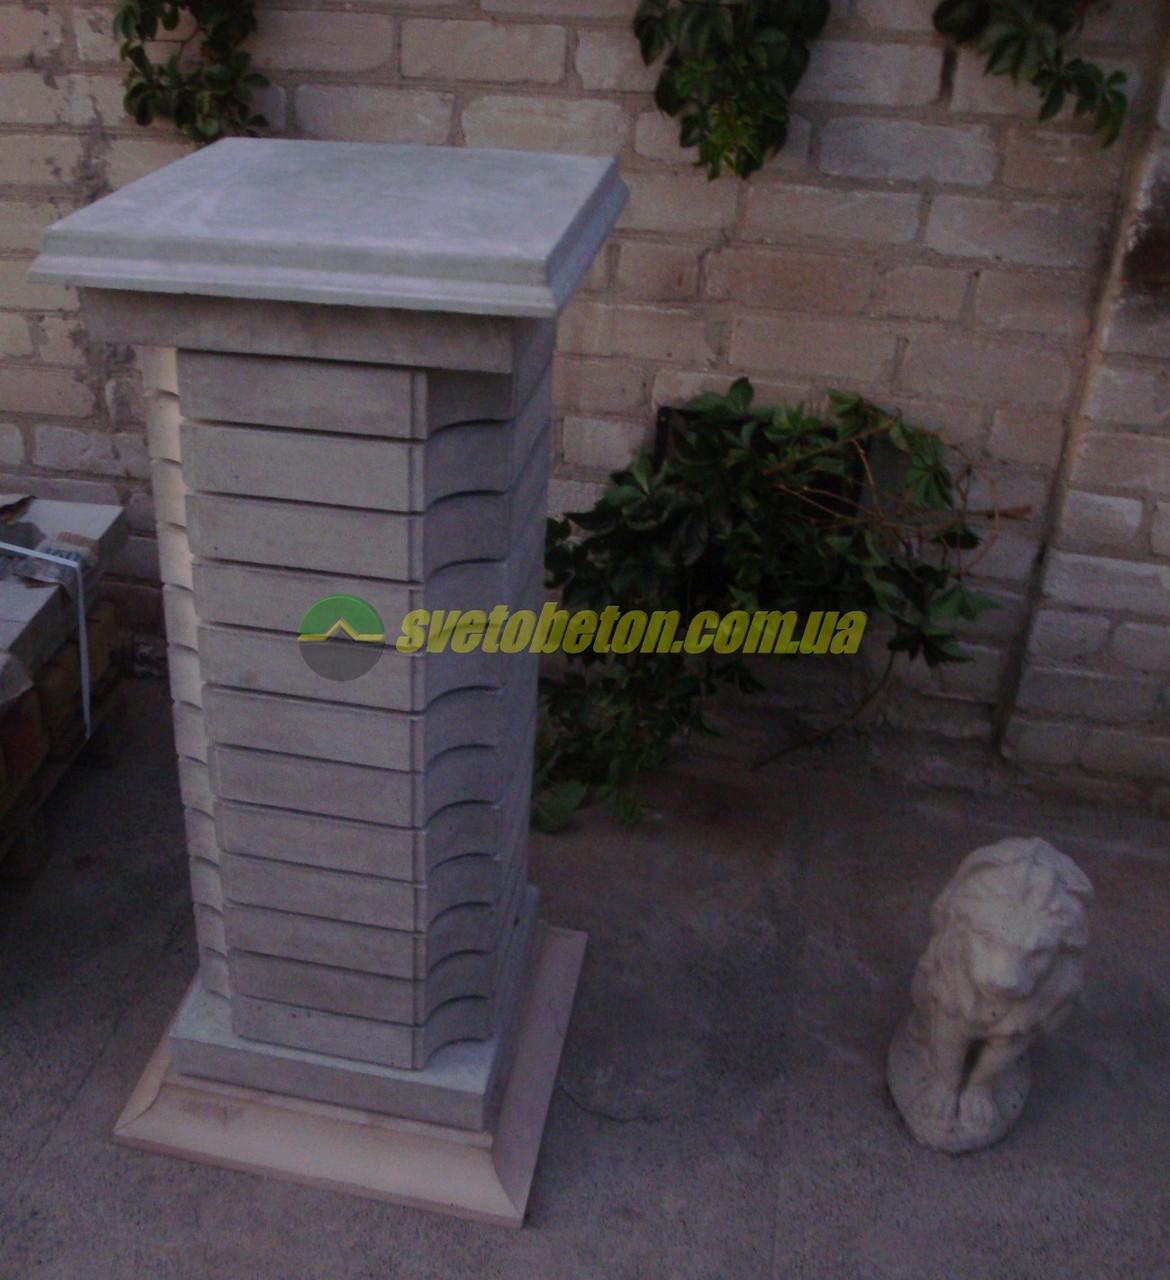 Тумба бетонная столбик балюстрады, подставка под вазы и фигуры садовые, постамент колонна деталь балюстрады.